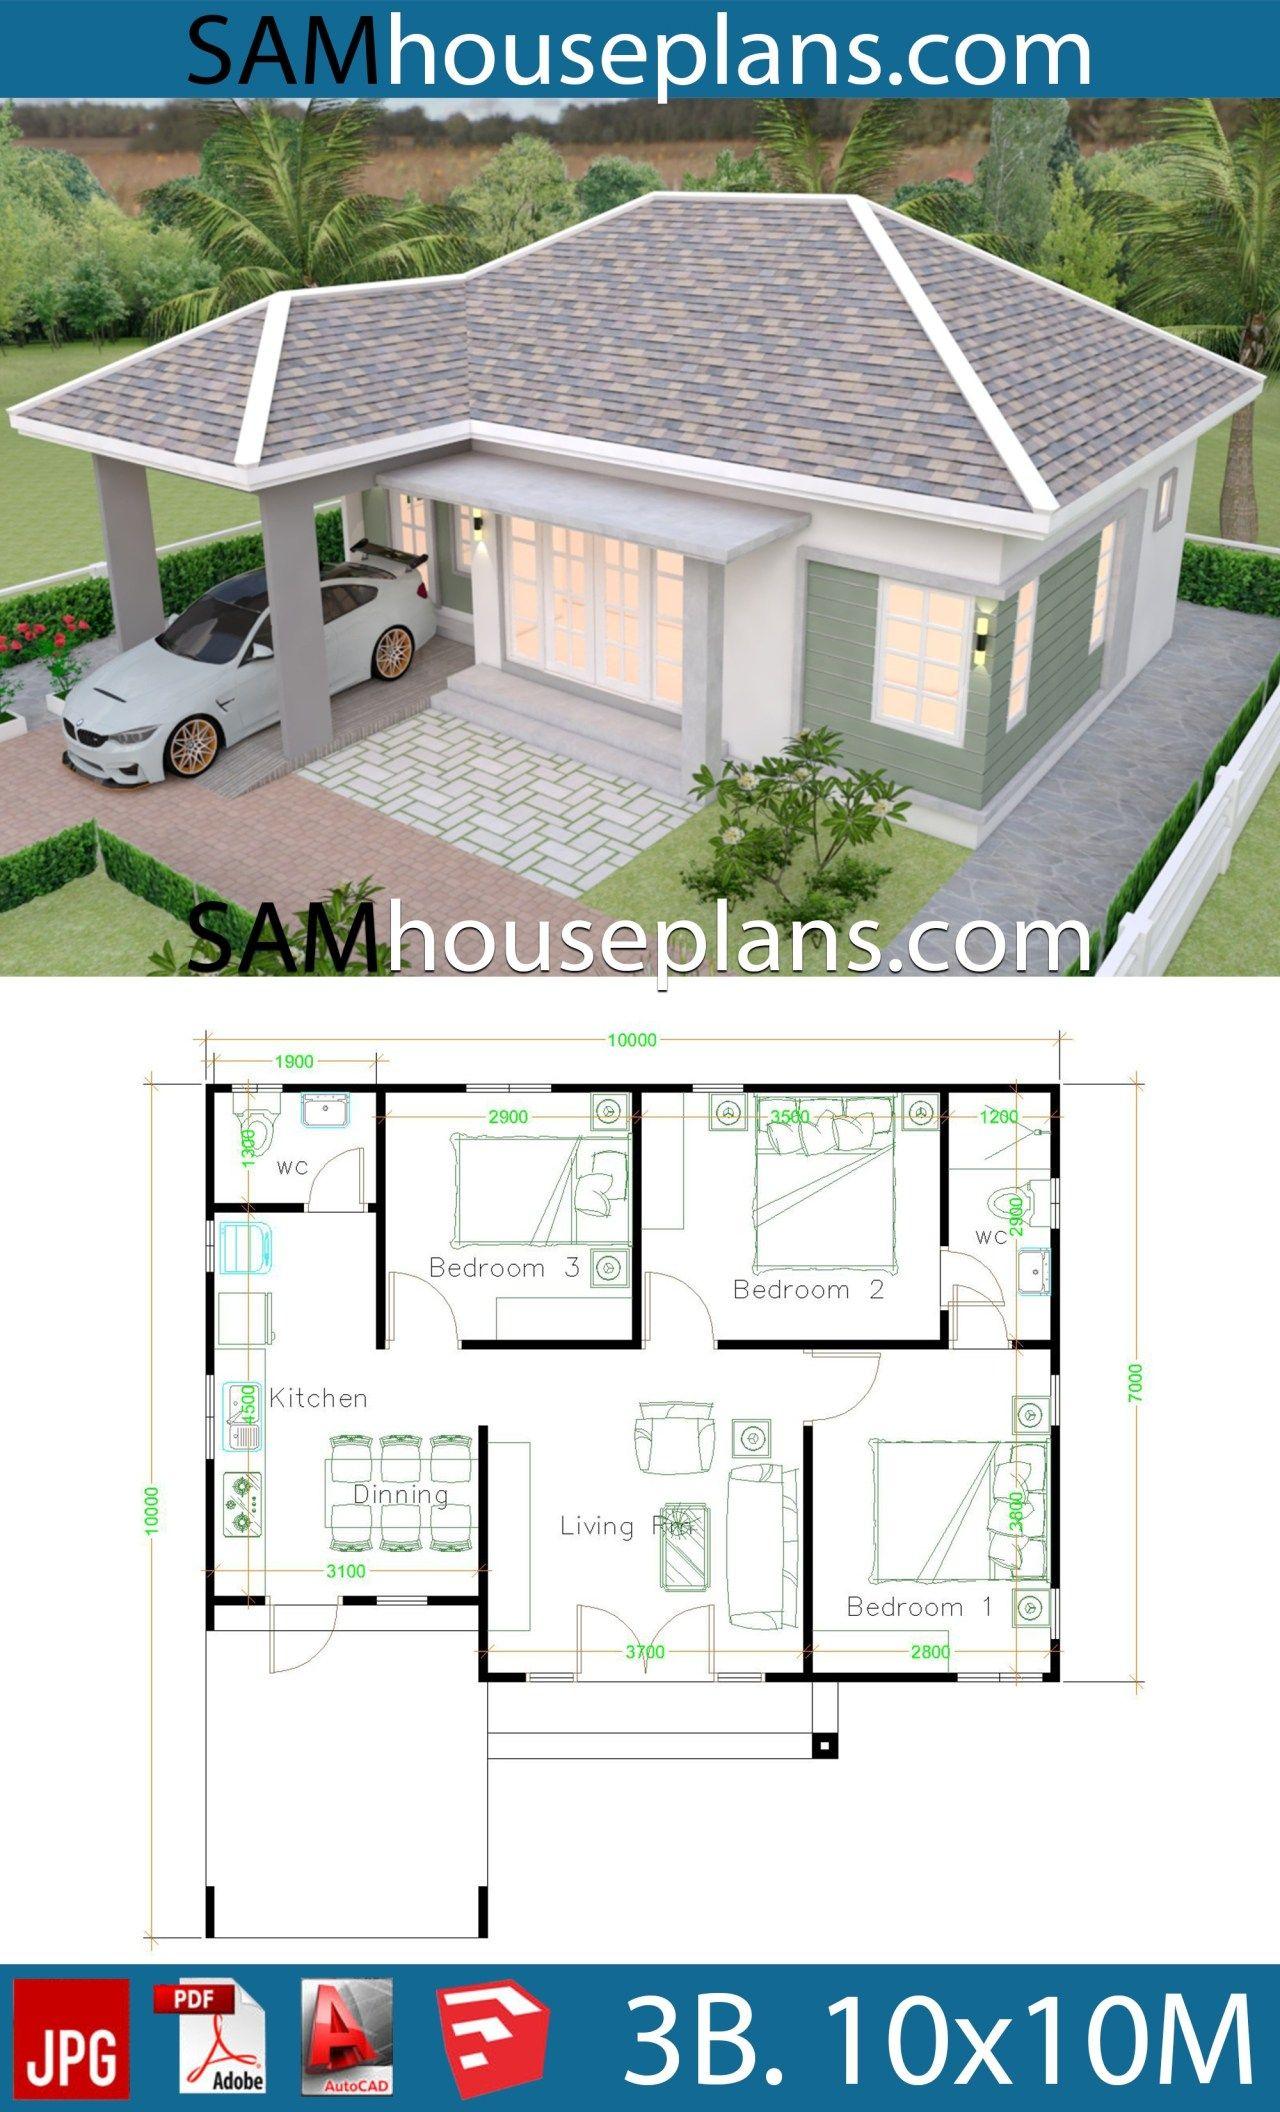 10x10 Bedroom Floor Plan: House Plans 10x10 With 3 Bedrooms